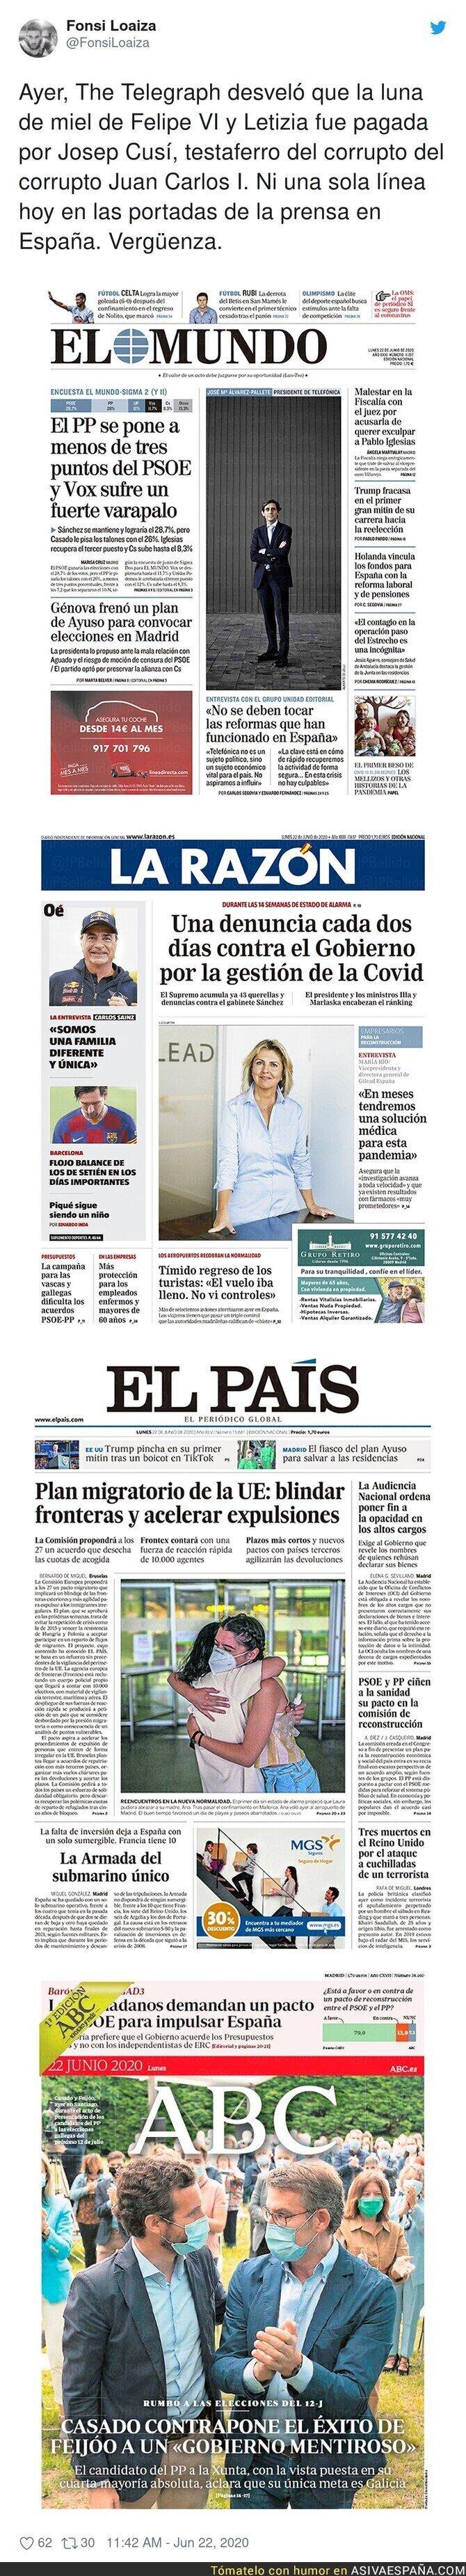 236580 - La prensa de España vendida a la monarquía